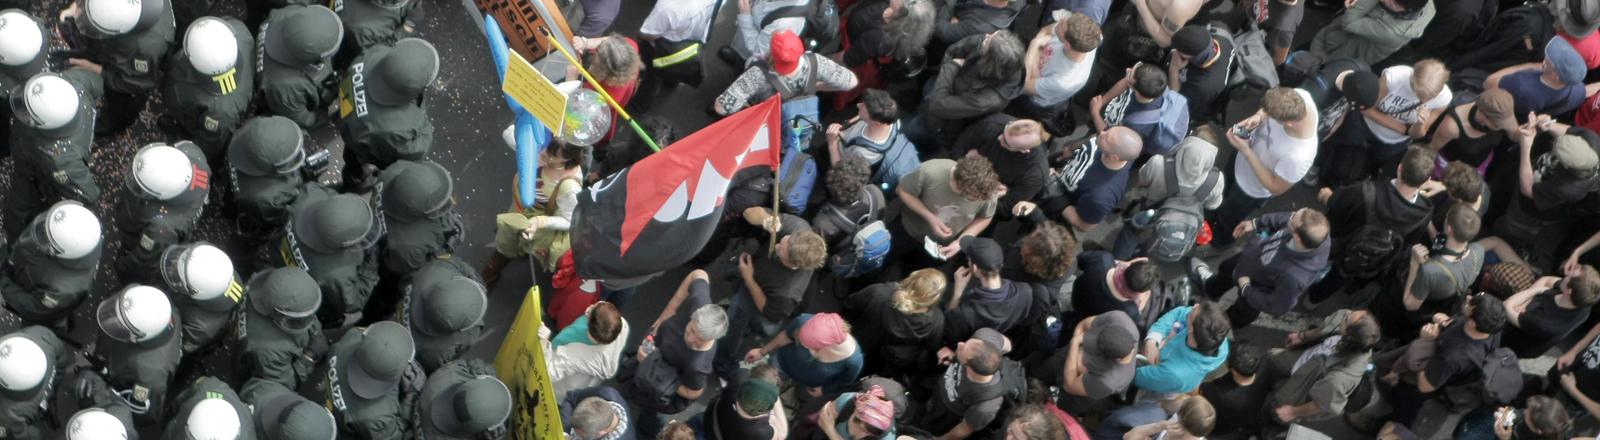 Demonstranten werden in der Innenstadt von Frankfurt am Main (Hessen) von der Polizei voneinander getrennt.